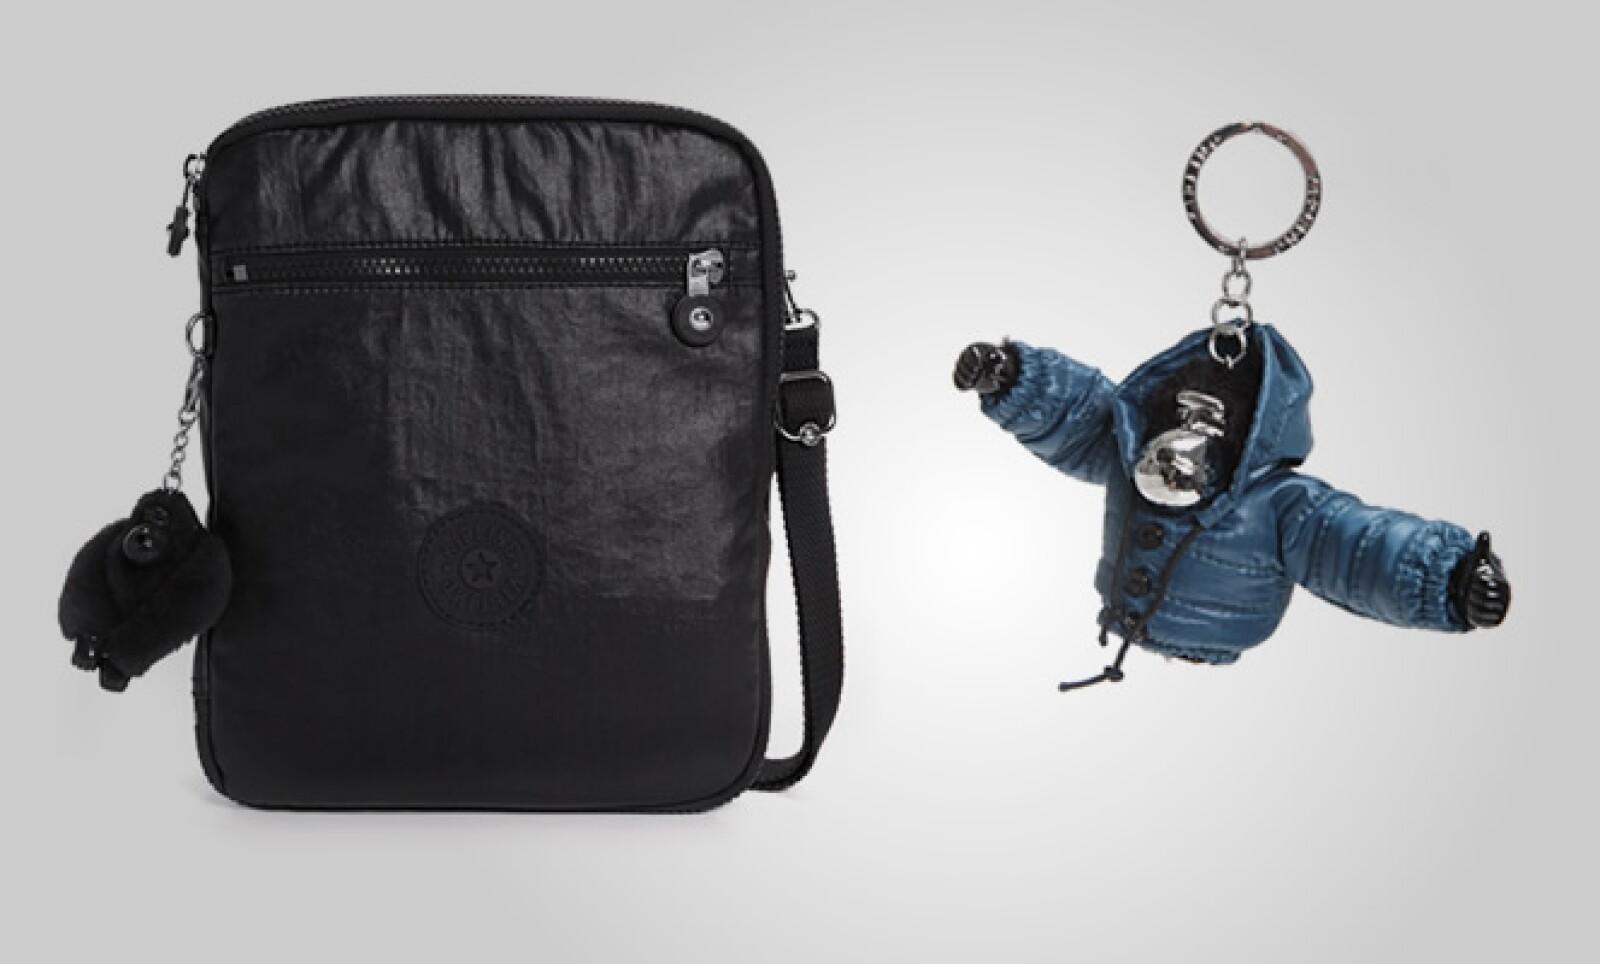 La marca belga Kipling presentó su más reciente colección de accesorios para el otoño- invierno 2011, basada en colores oscuros como el morado, gris y negro.